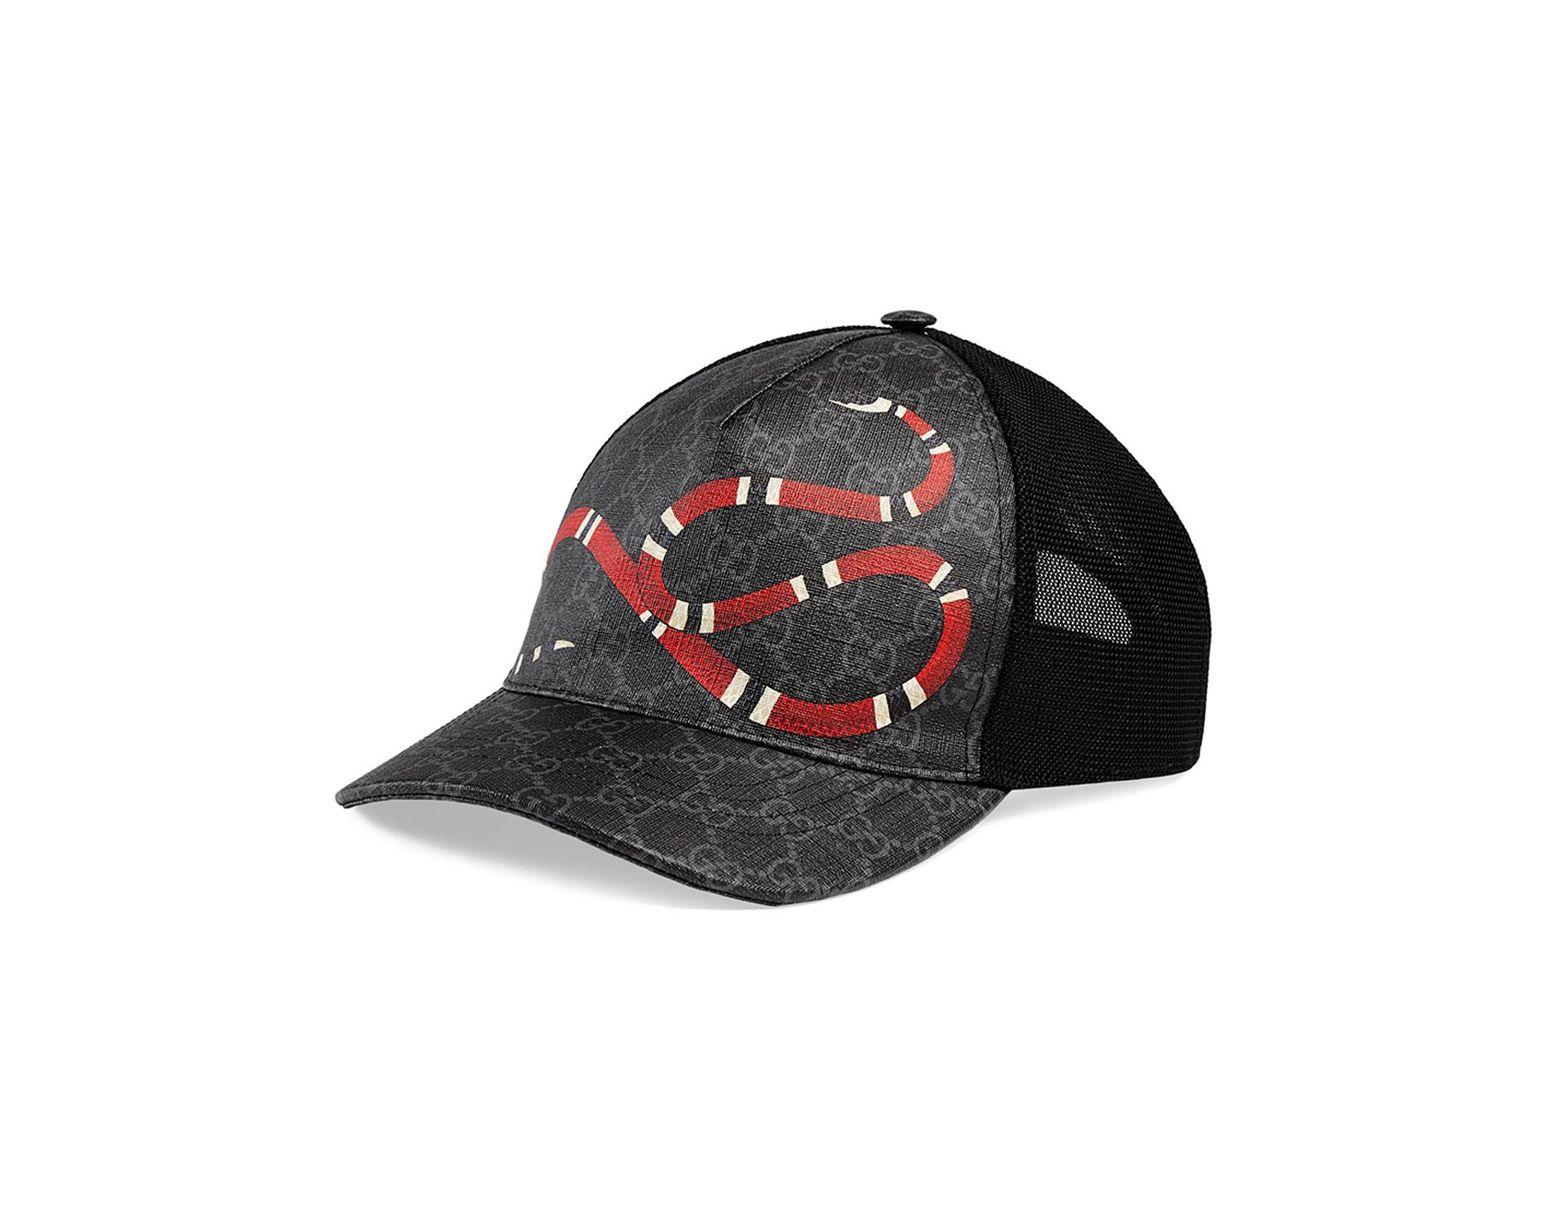 777cd1c99 Black Men's King Snake GG Supreme Baseball Cap